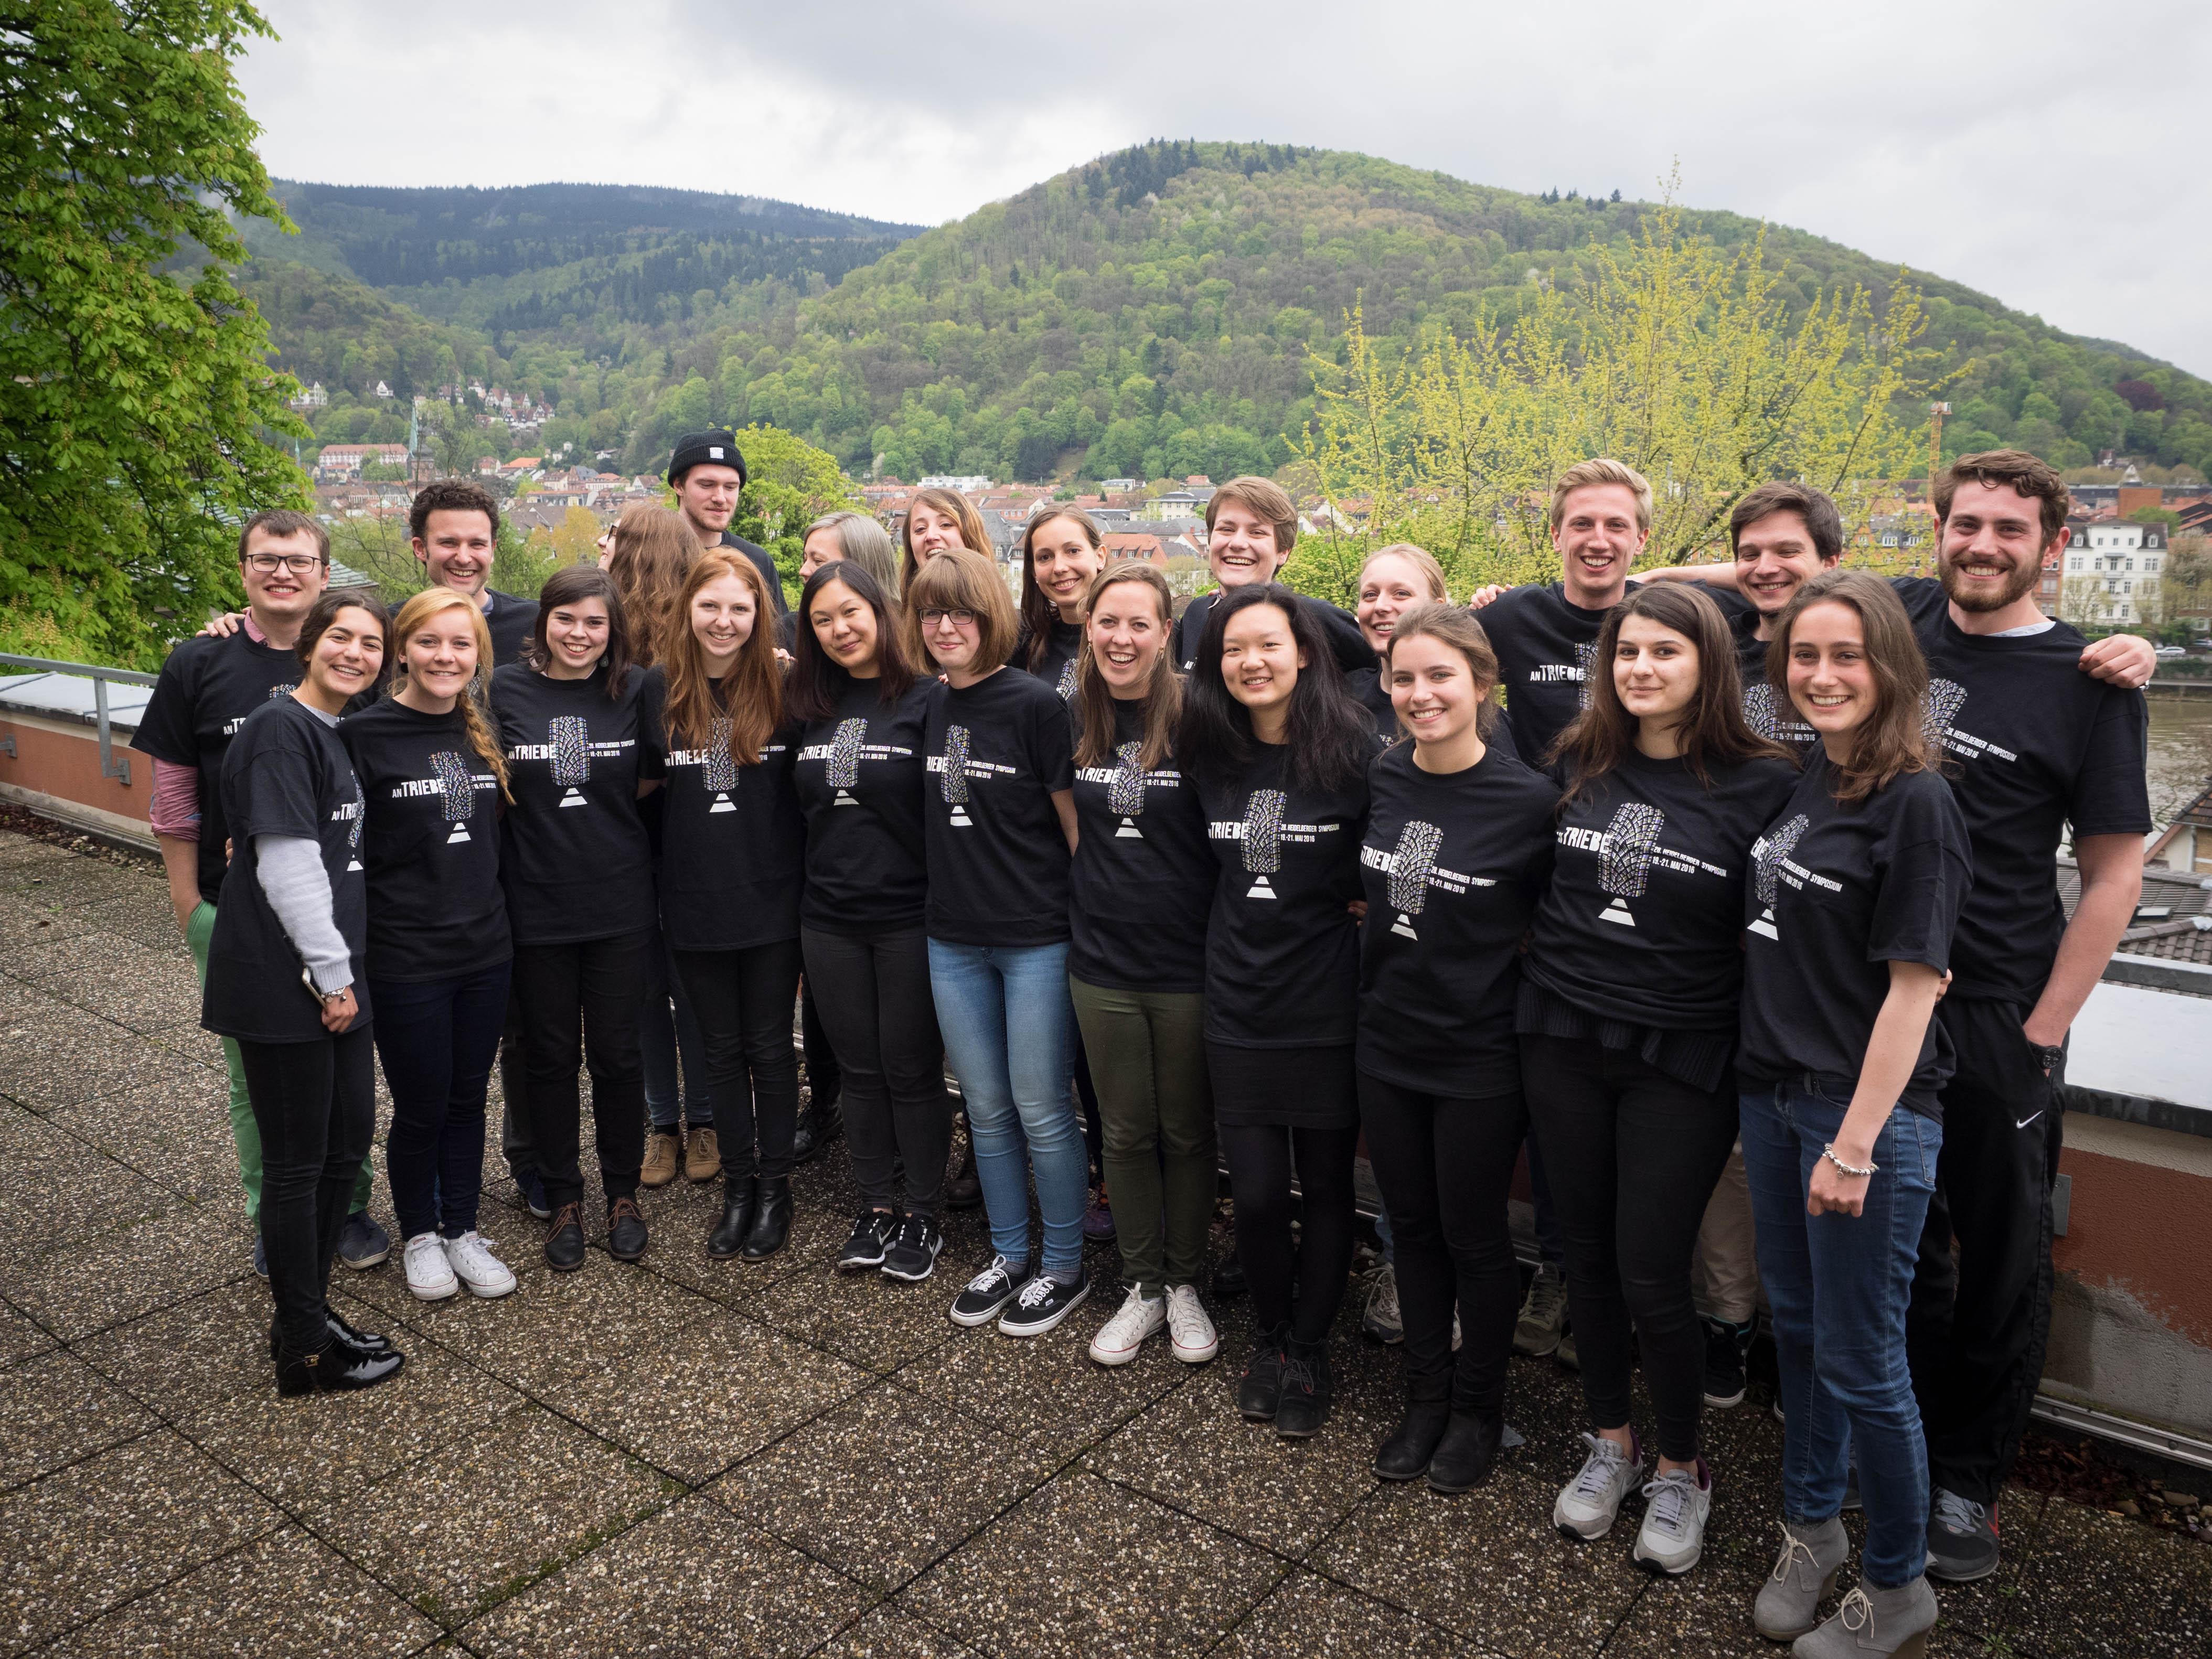 Wahre Vielfalt: Studenten aller Fachrichtungen bilden das Organisationsteam des Symposiums. Bild: Lucie Landeck.